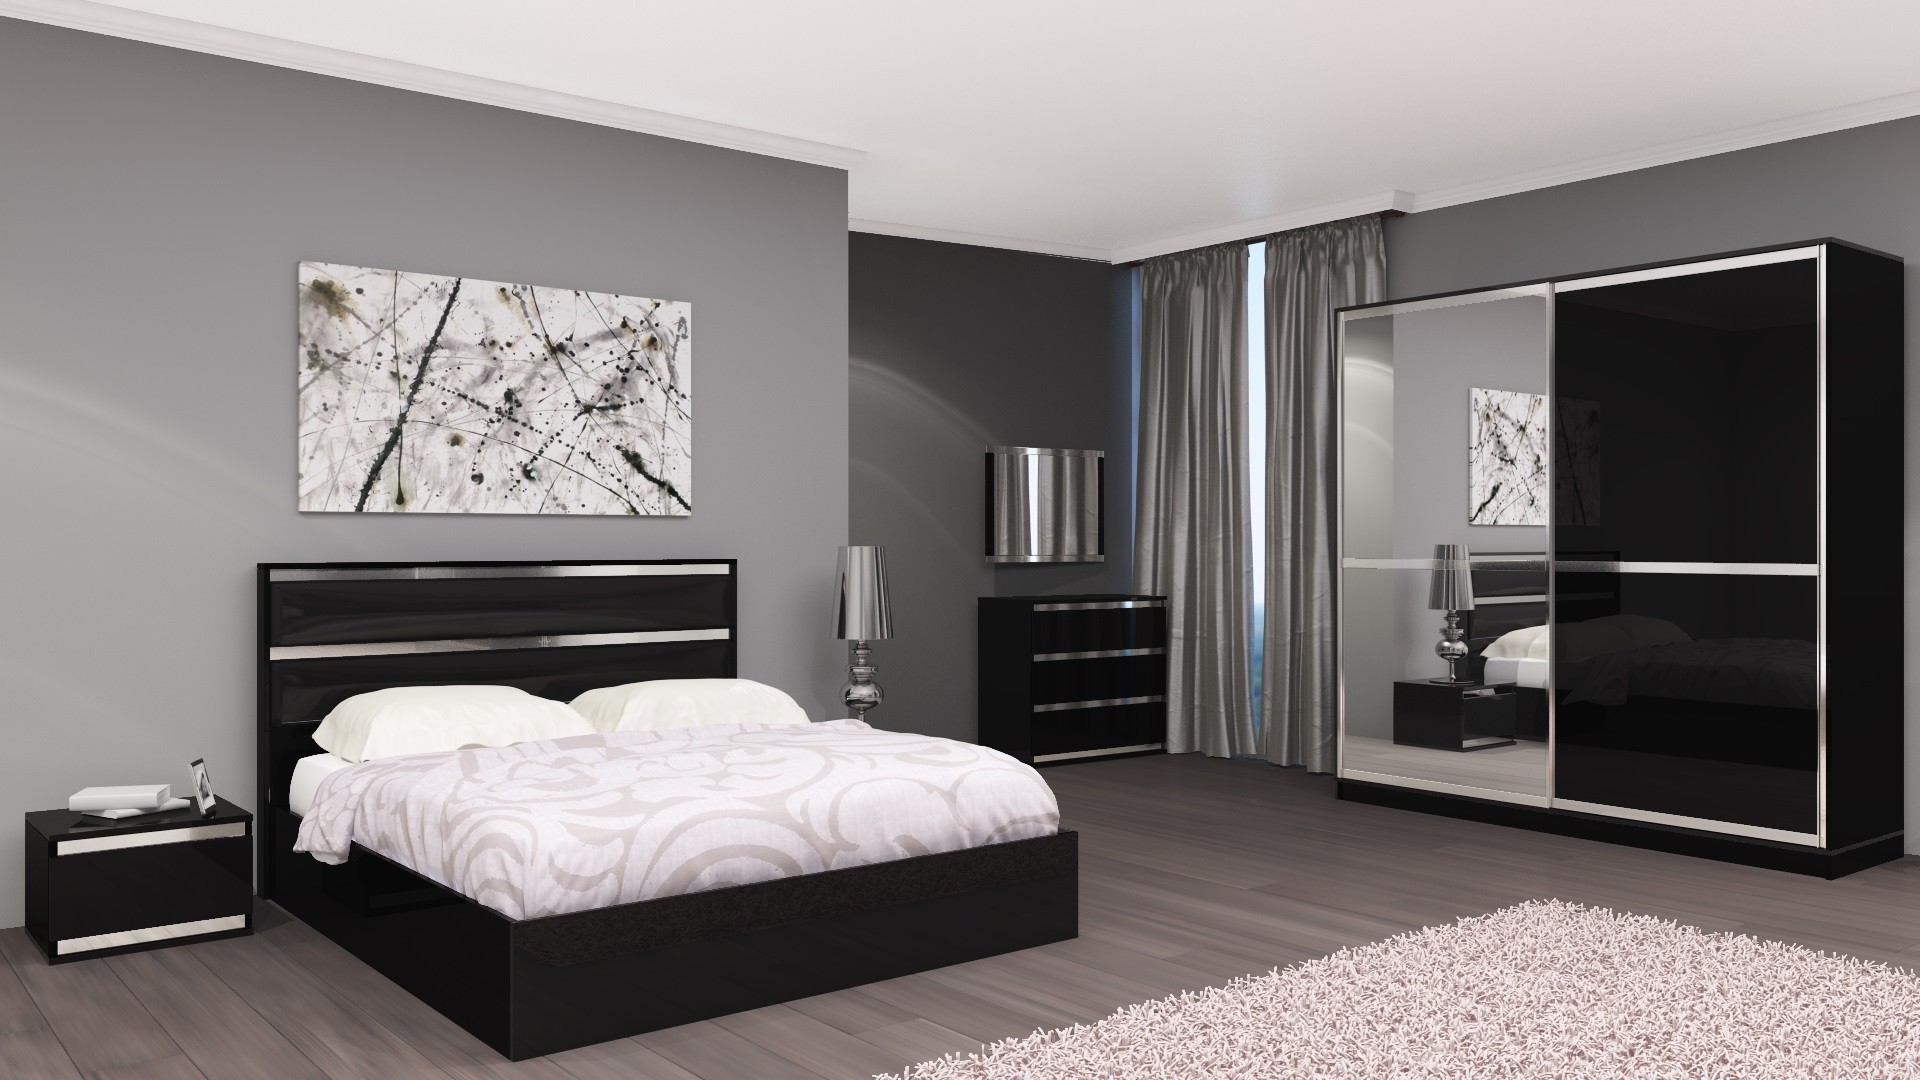 Chambre complete adulte design chambre id es de for Chambre complete design